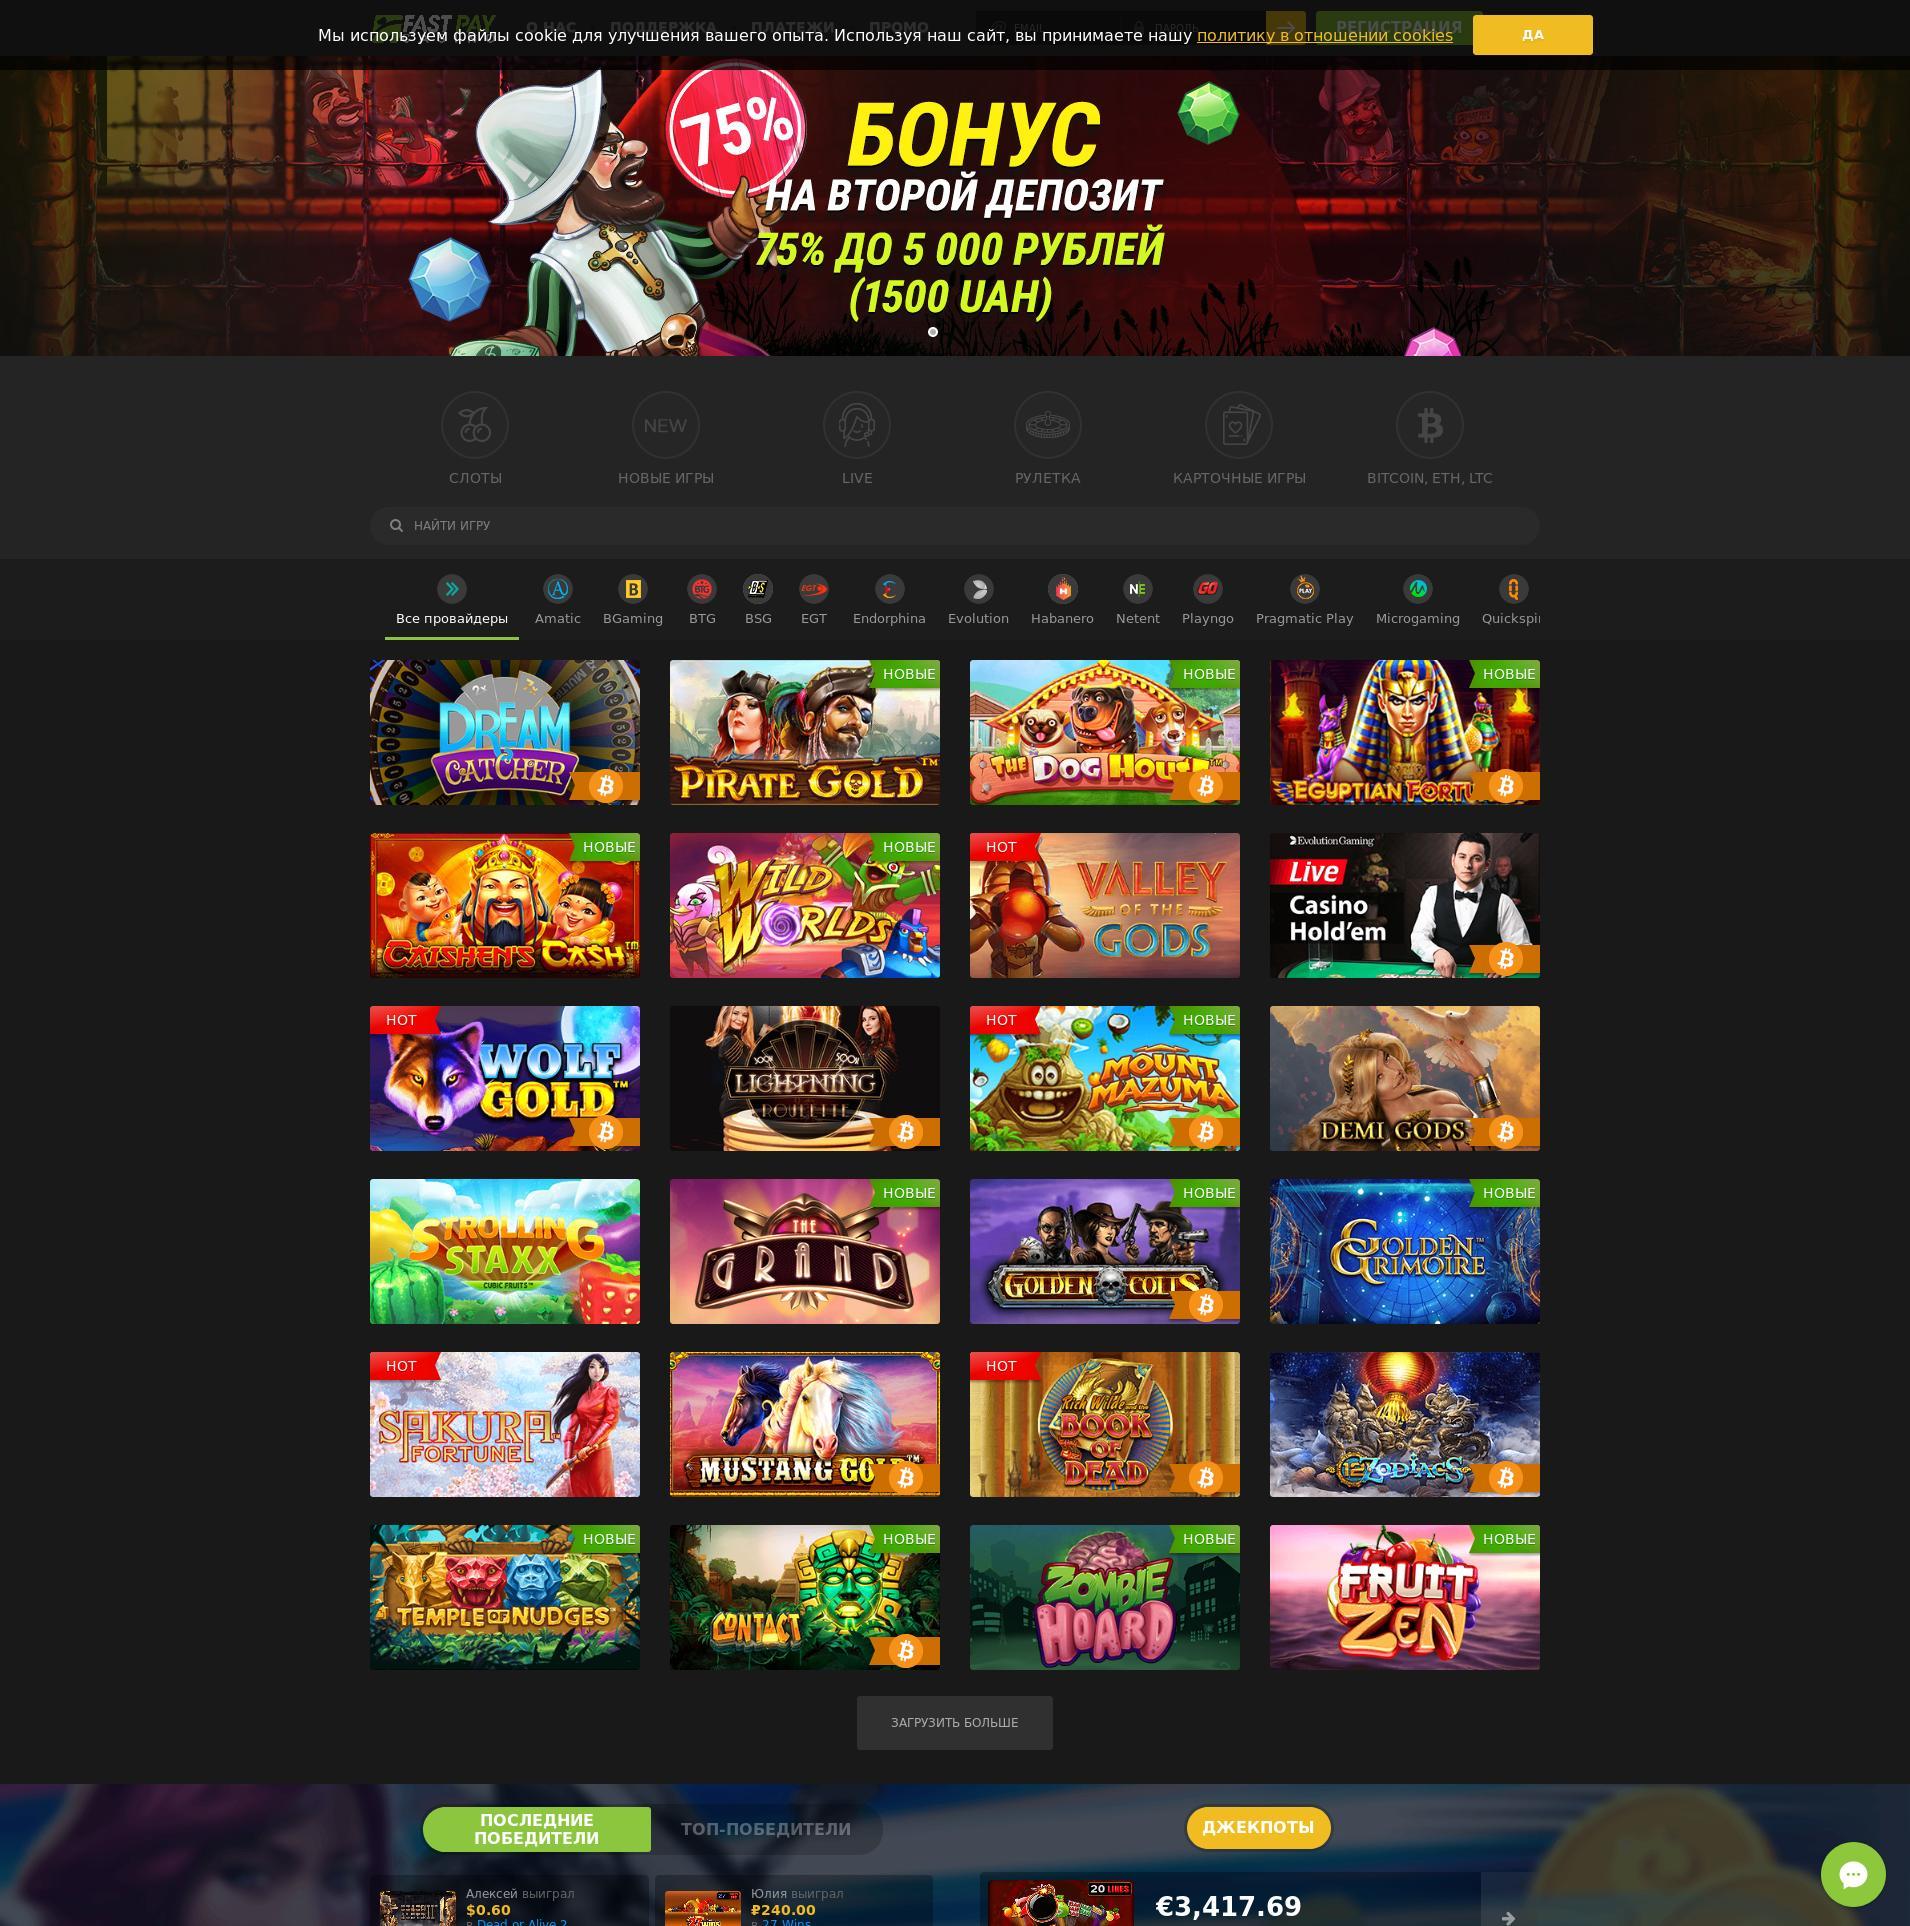 william hill online casino 120 free spins